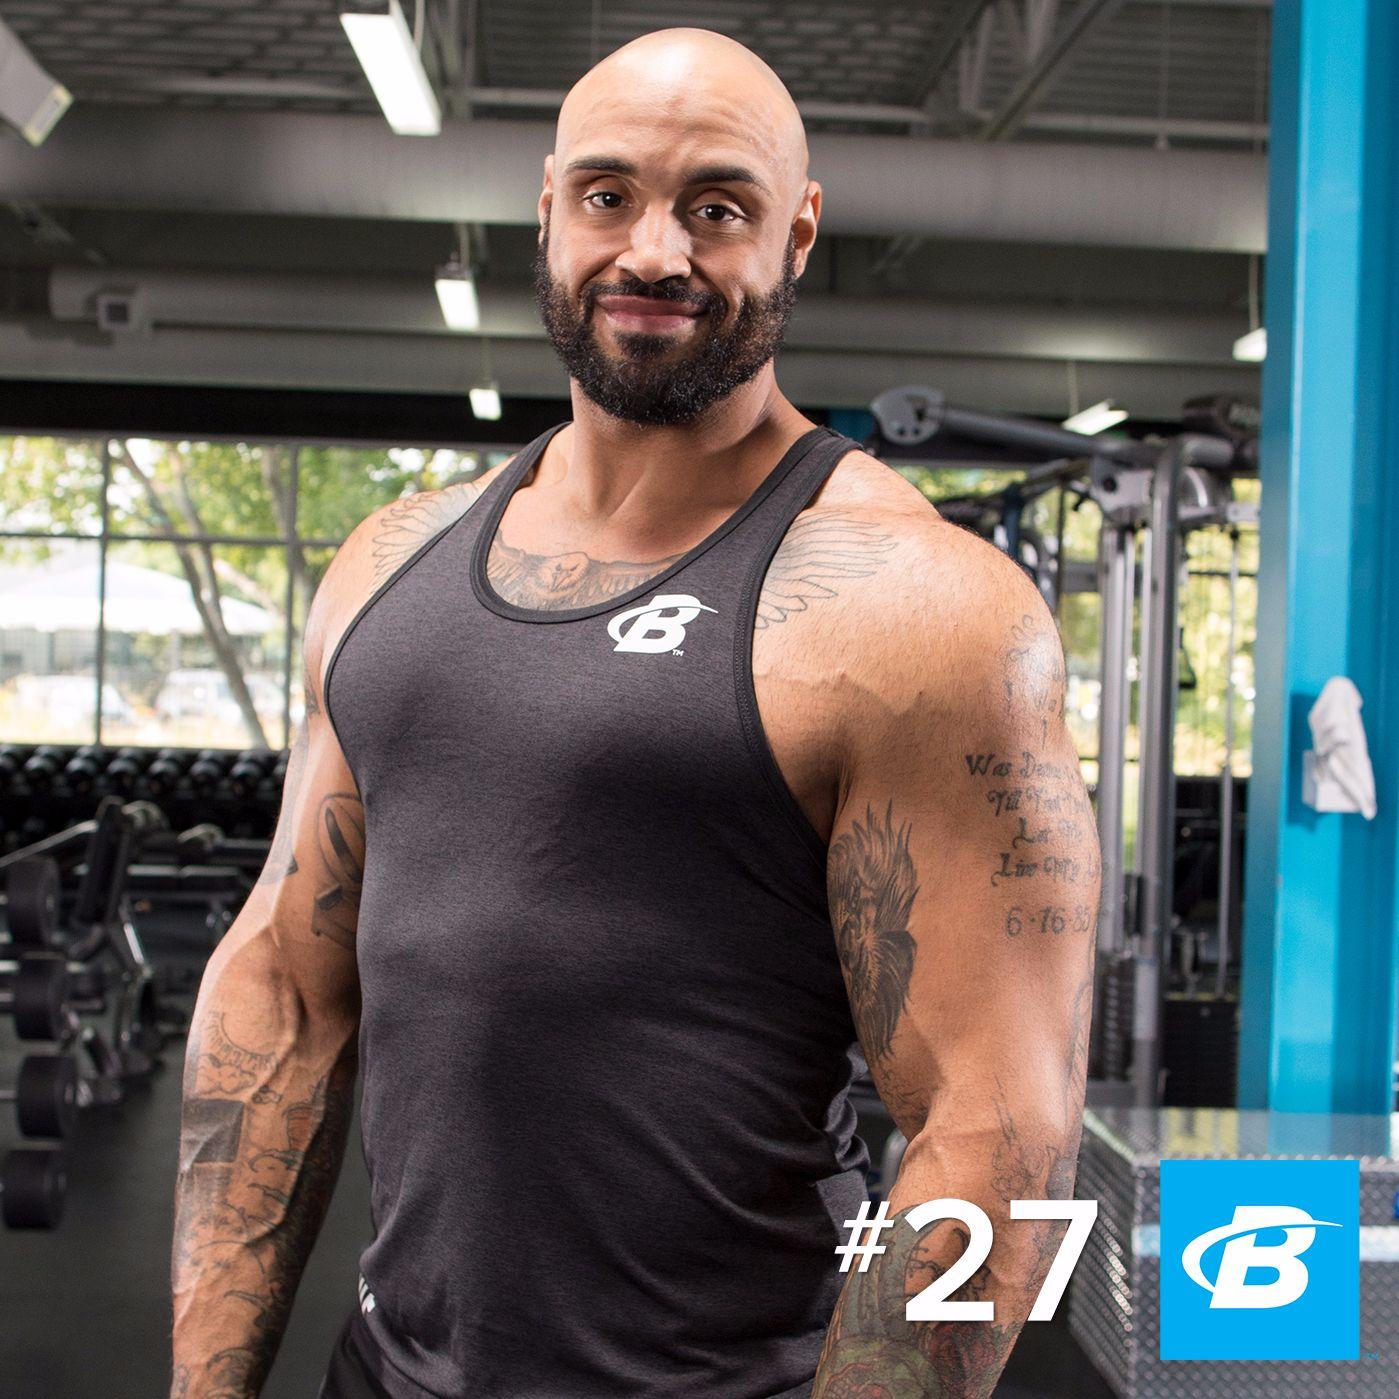 The Bodybuilding com Podcast | Podbay